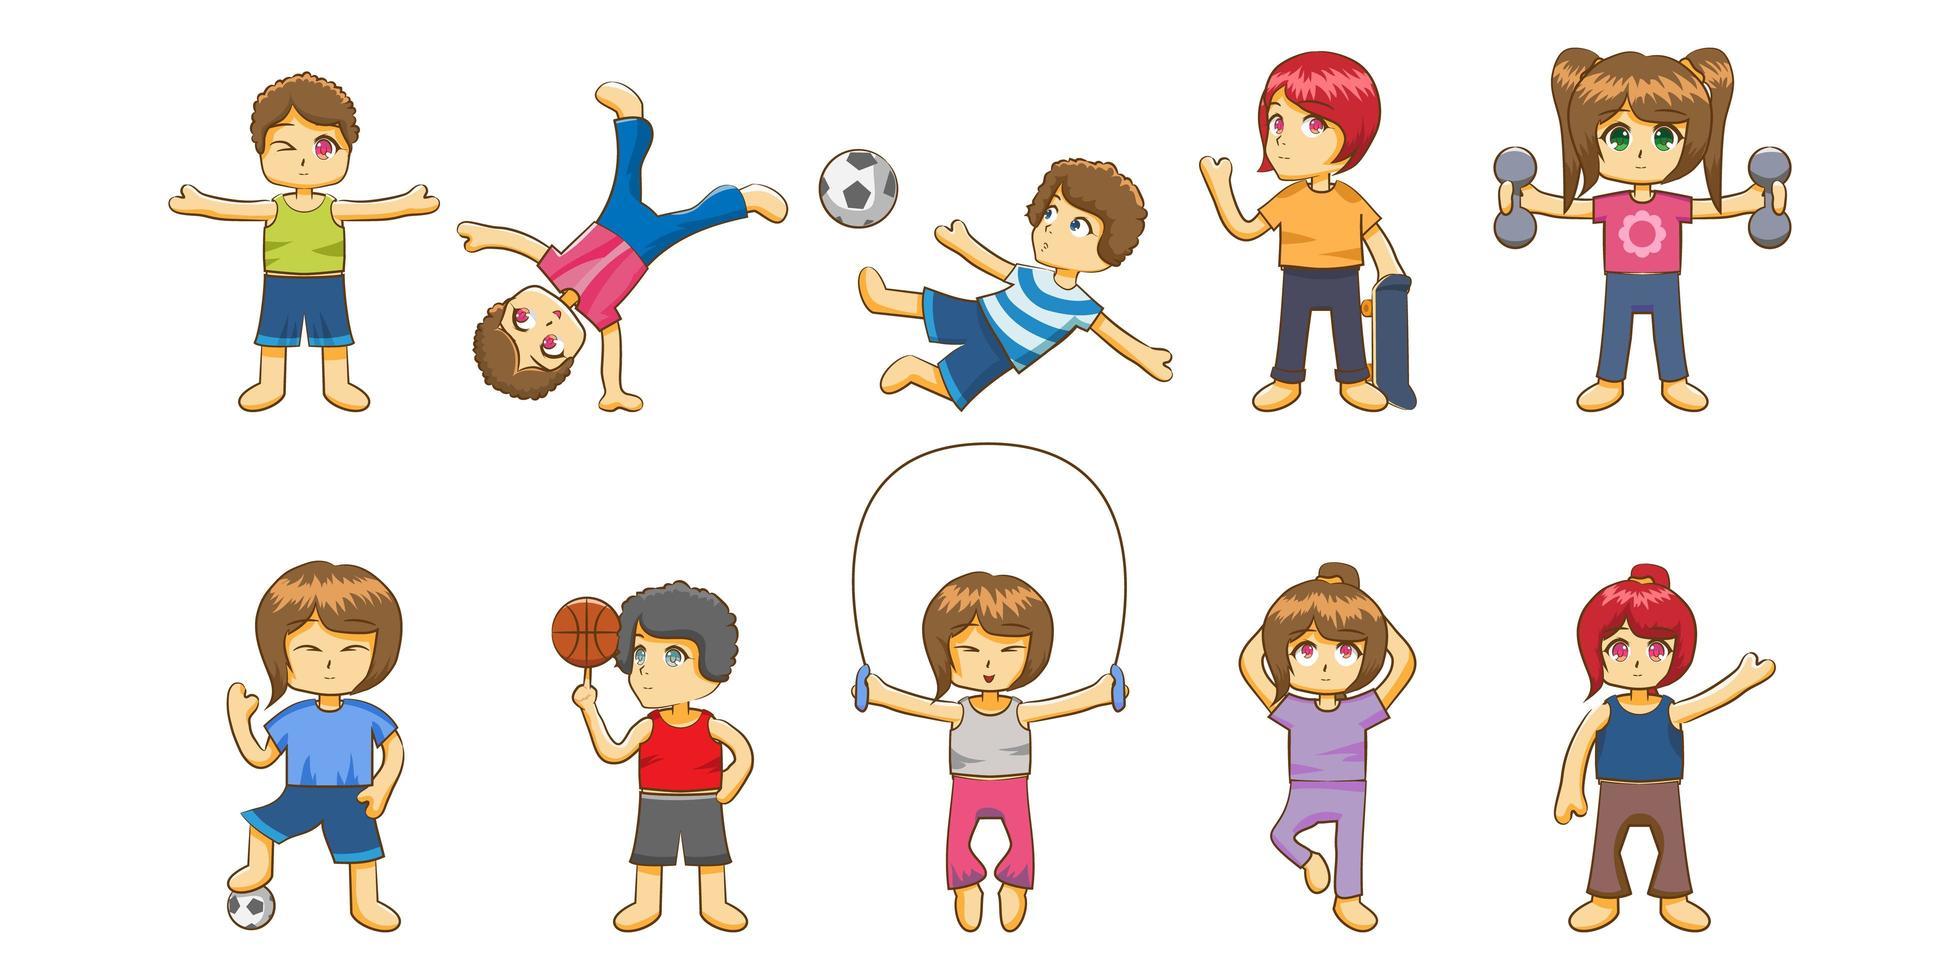 enfants exercice ensemble vecteur